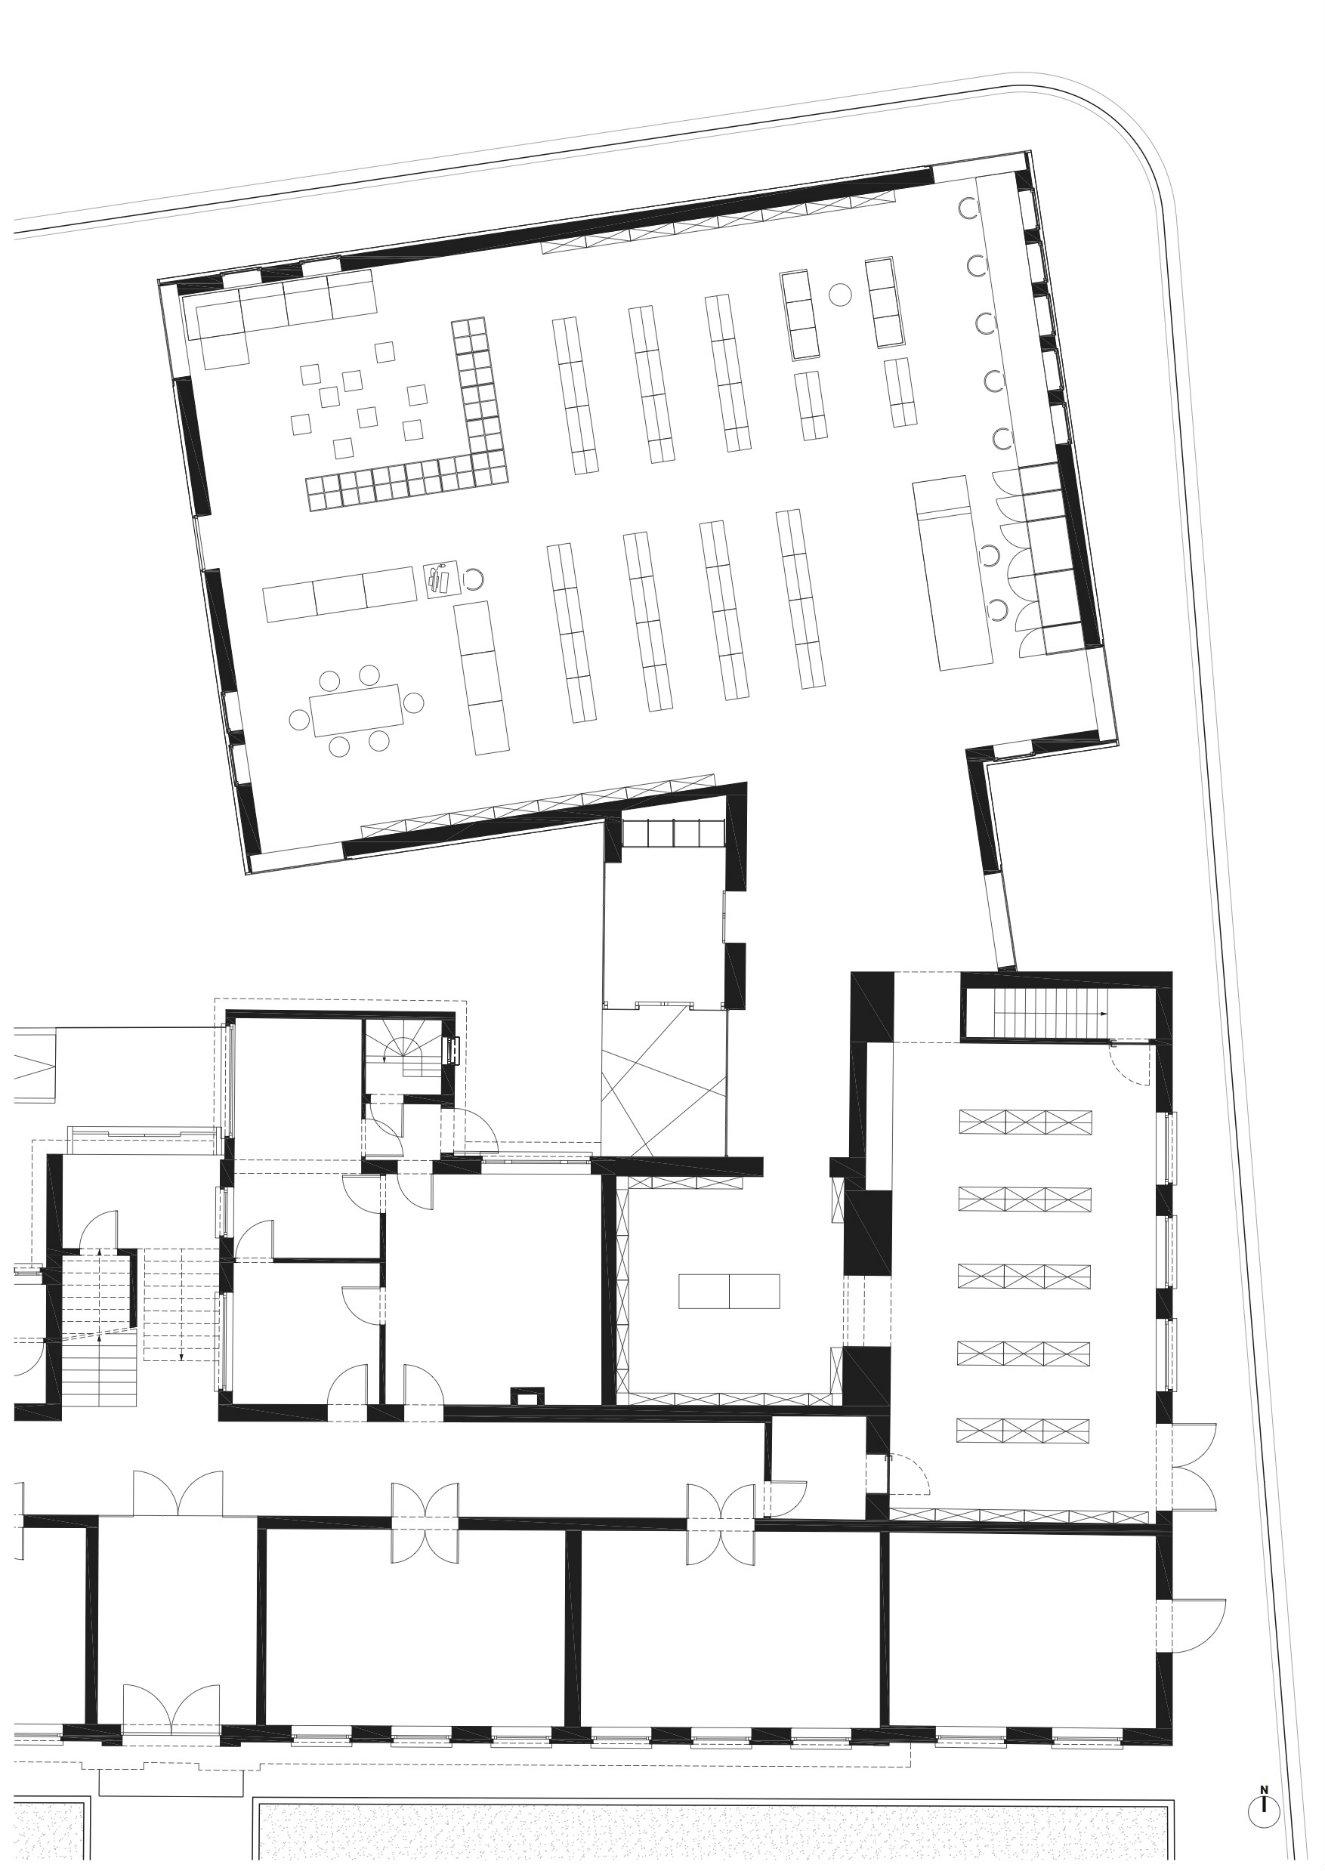 Plano de la biblioteca. © Studio Farris Architects.